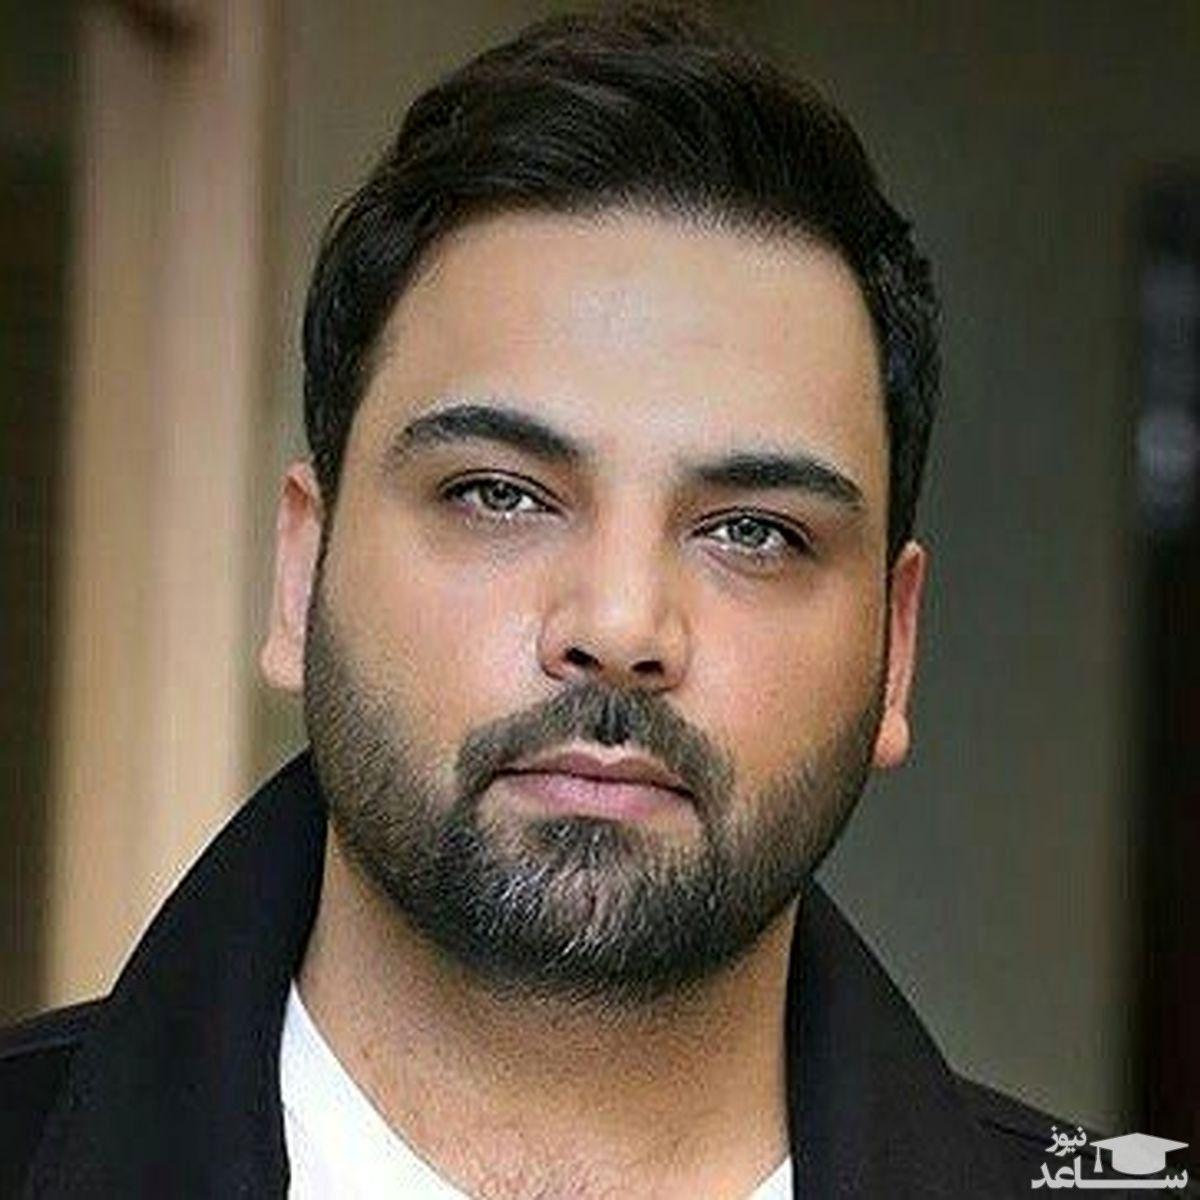 افشاگری بازیگر معروف علیه احسان علیخانی + فیلم جنجالی